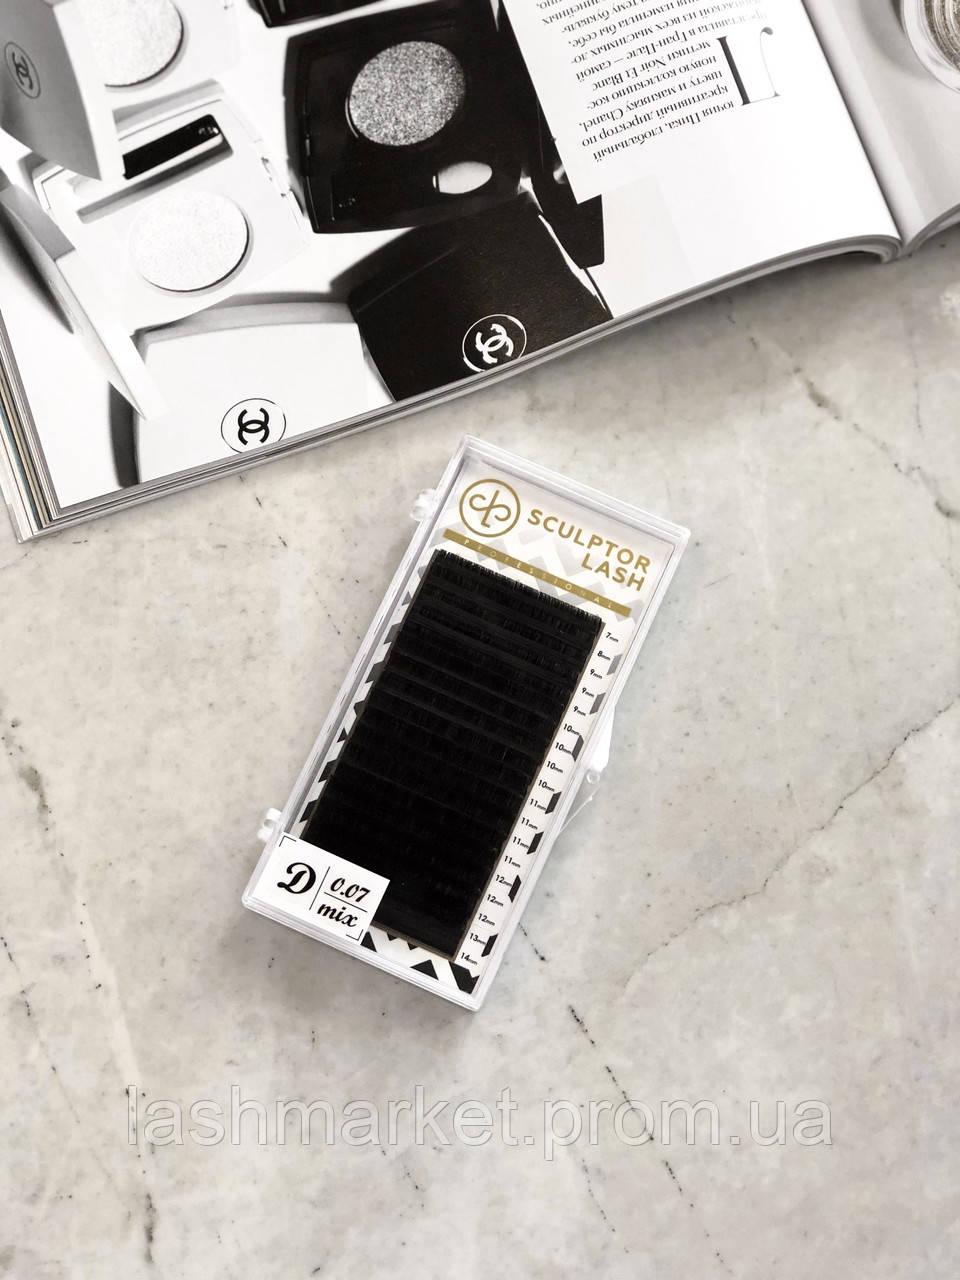 Ресницы Gold D 0.07 - 7 мм черные (Sculptor Lash) ОТД ДЛИНА